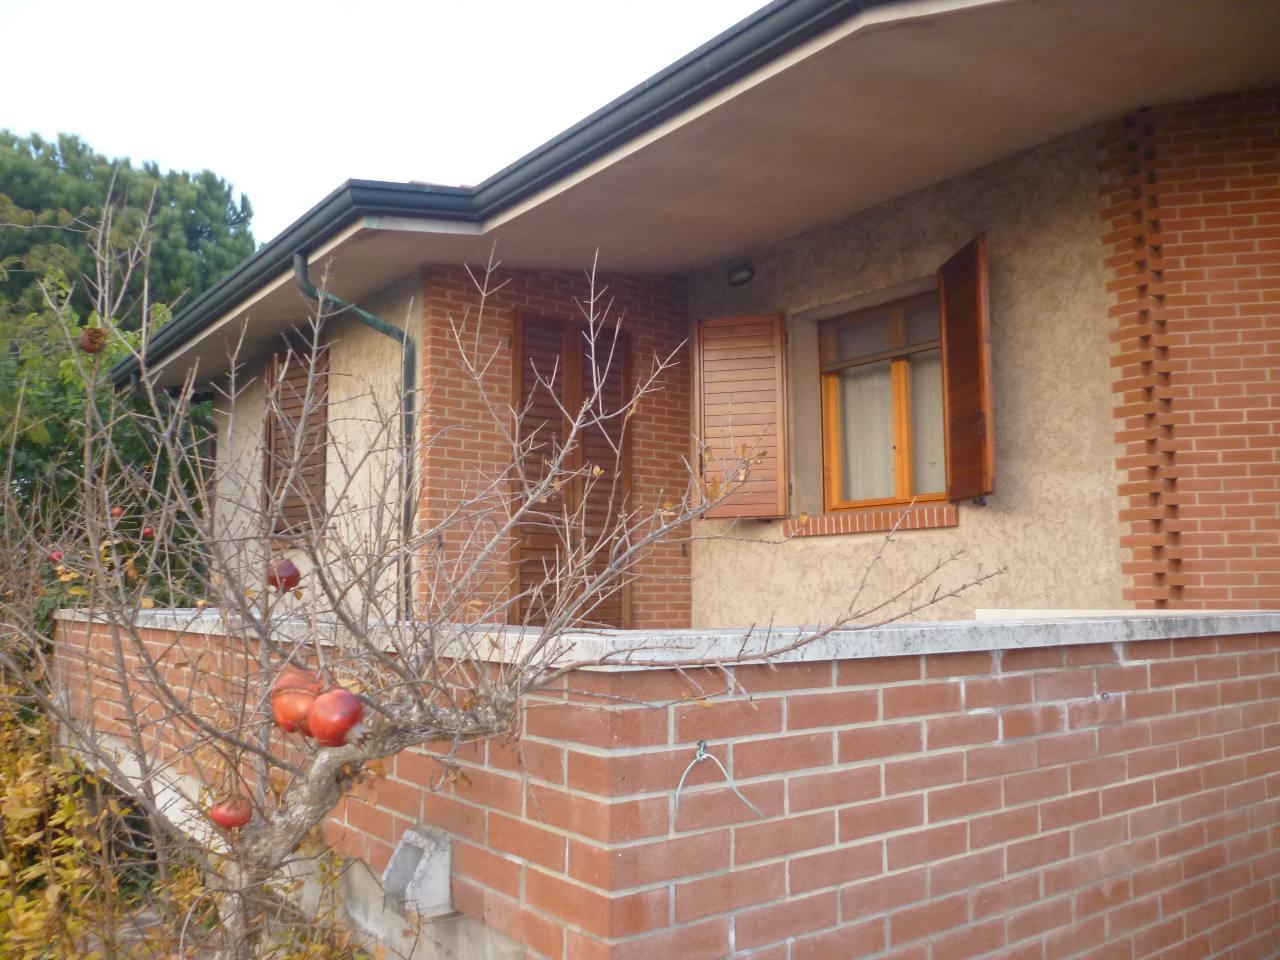 Villa in vendita a Voghiera, 3 locali, zona Località: Voghiera, prezzo € 450.000   CambioCasa.it